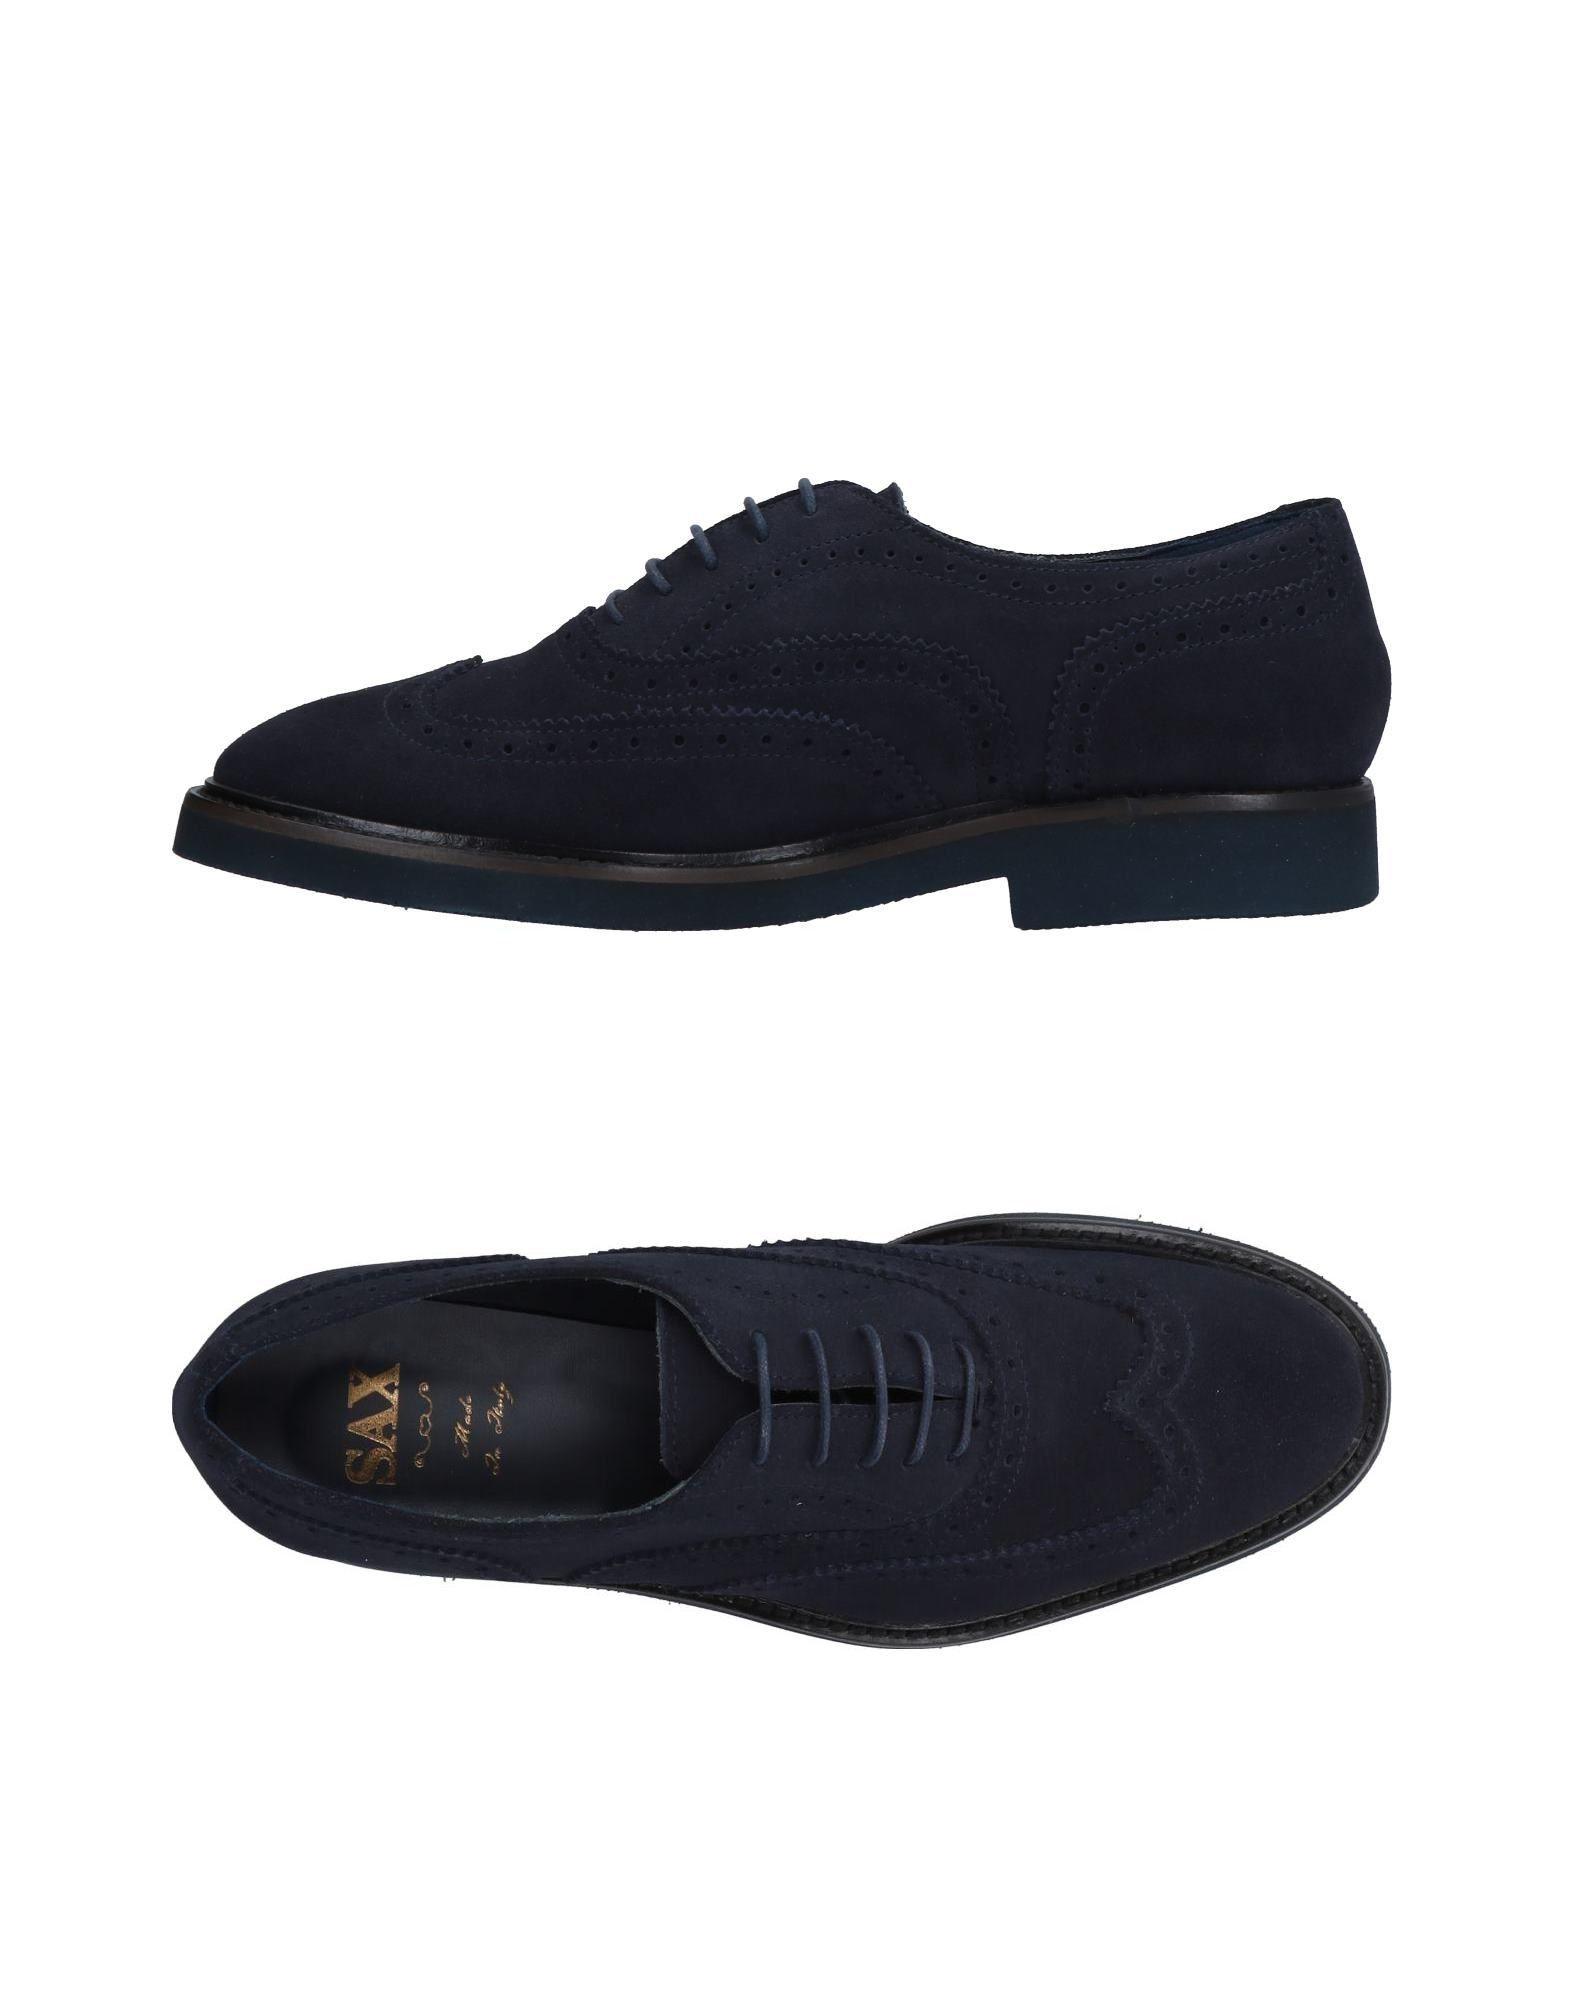 Sax Gute Schnürschuhe Damen  11511043CR Gute Sax Qualität beliebte Schuhe 8c5a2d